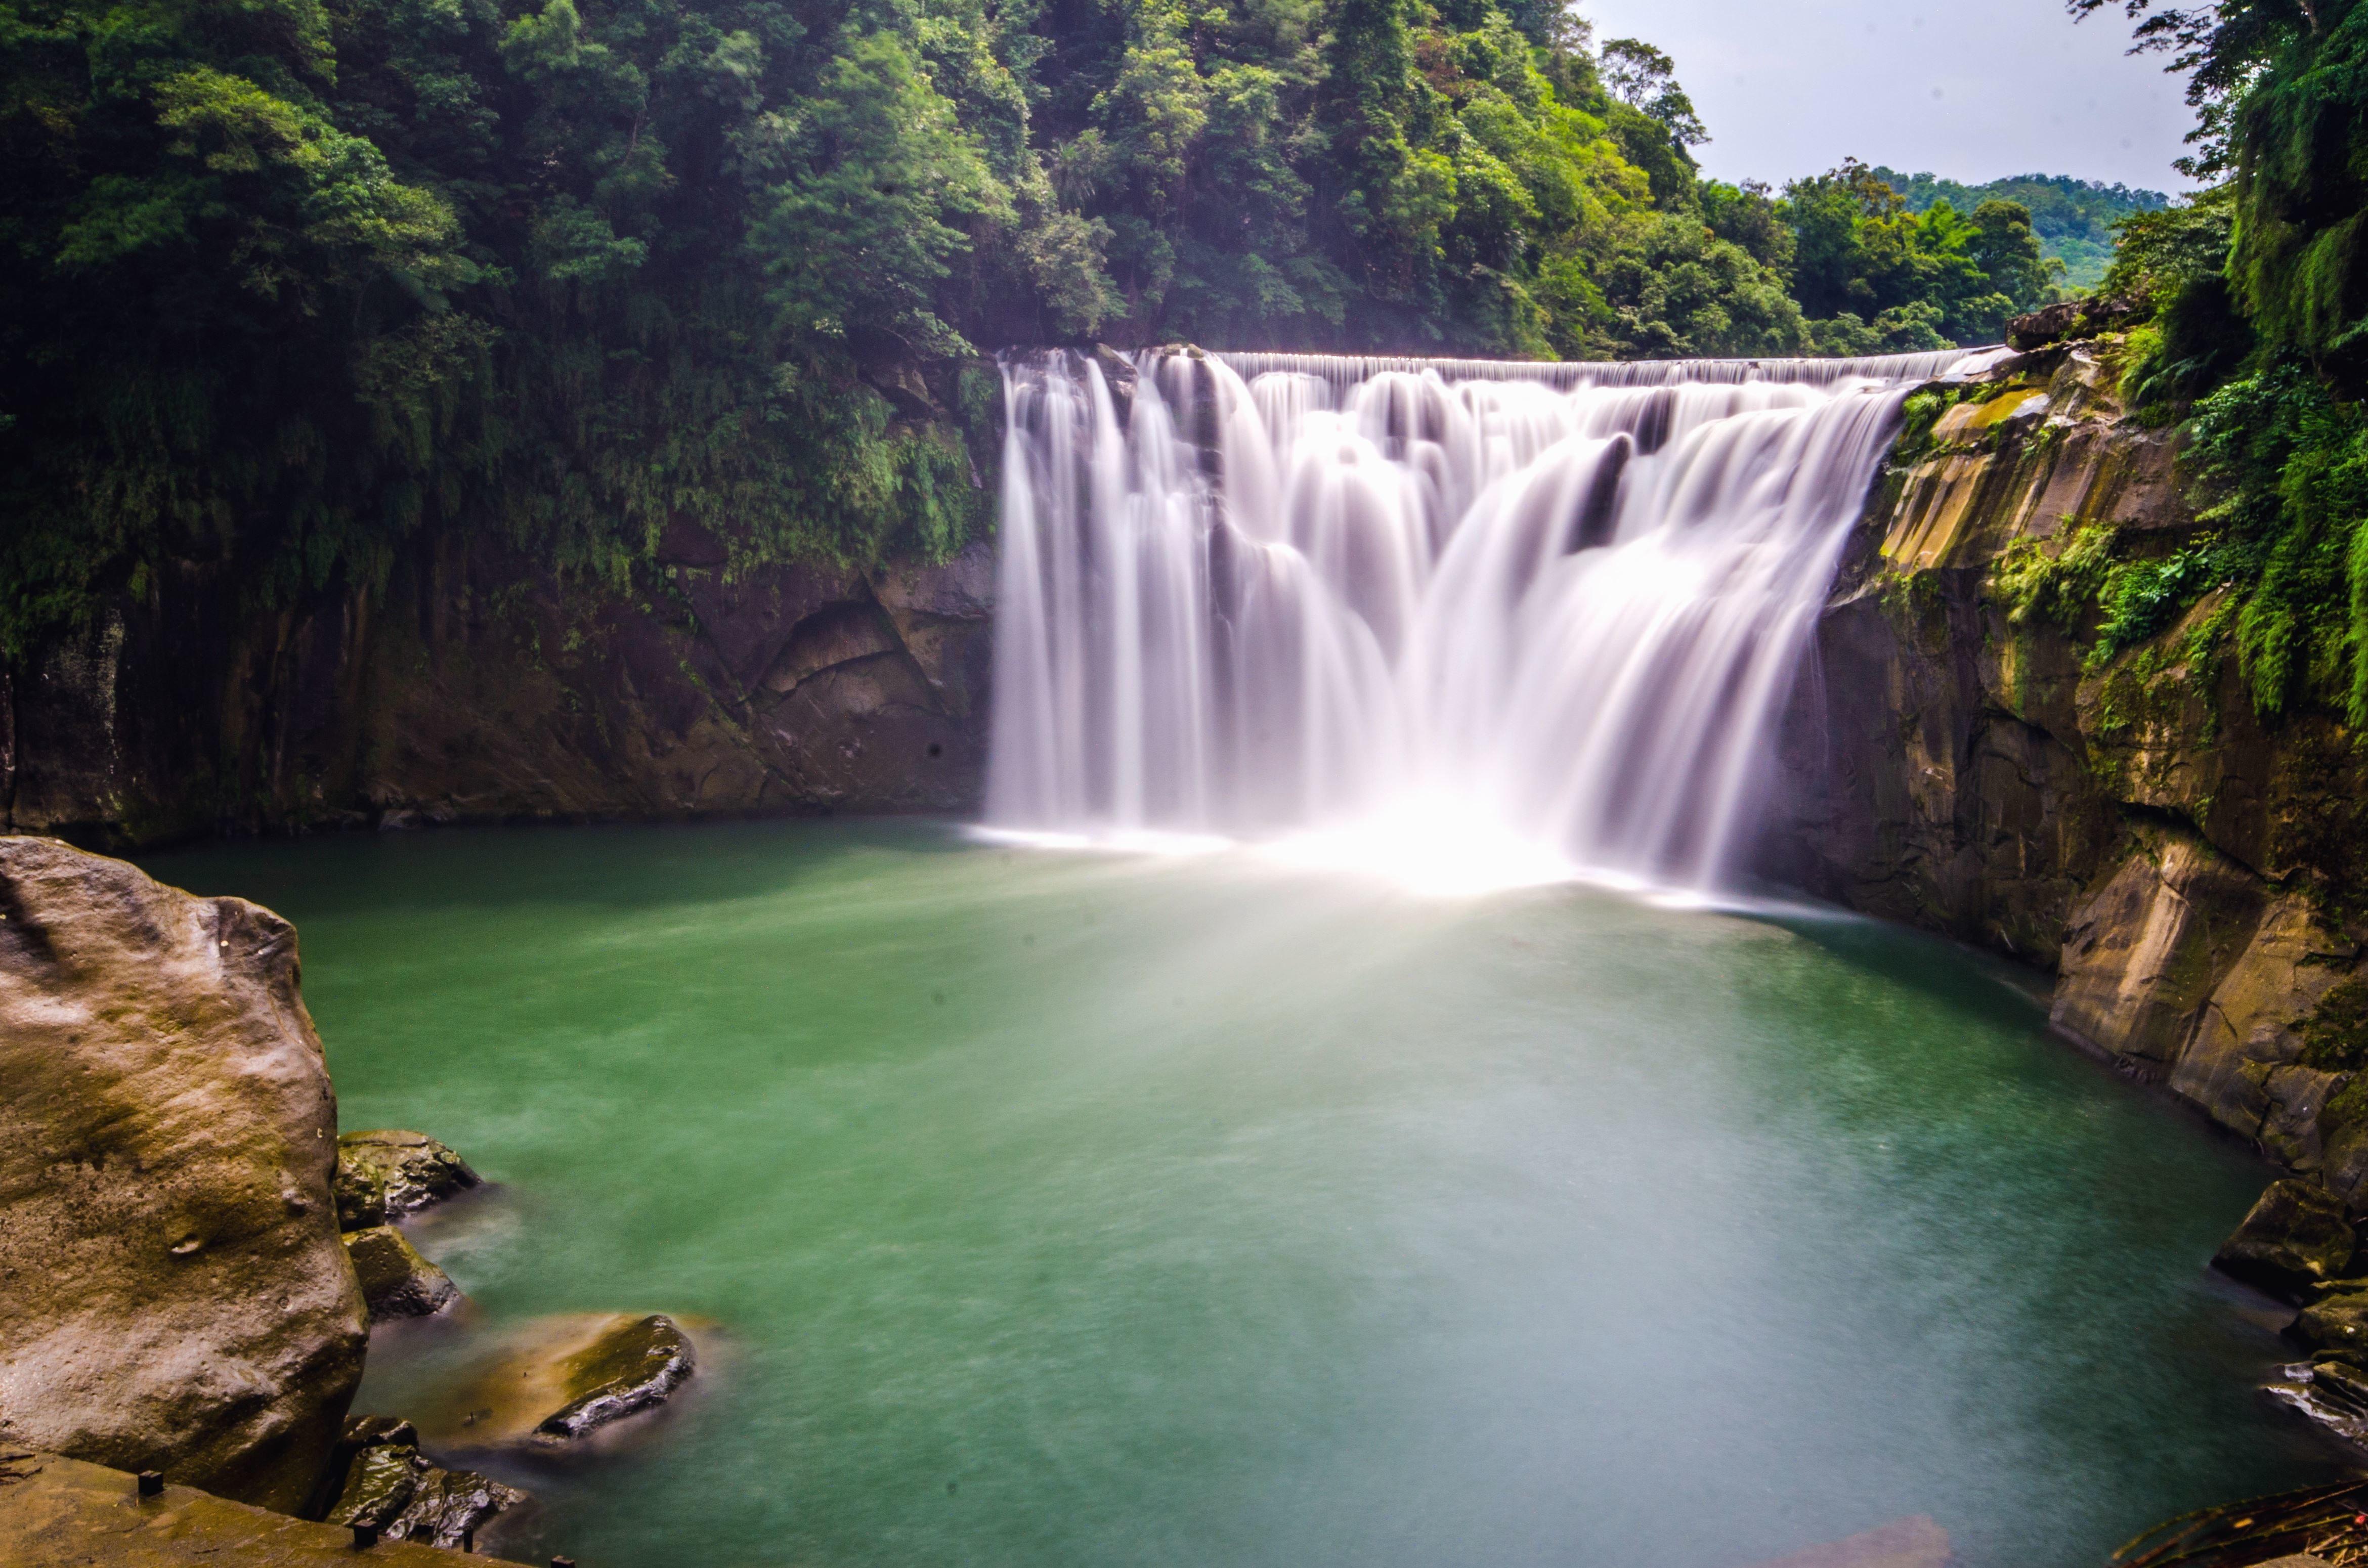 Hd Niagara Falls Wallpaper Image Libre Falaises Eau Rivi 232 Re Cascade Nature Ciel